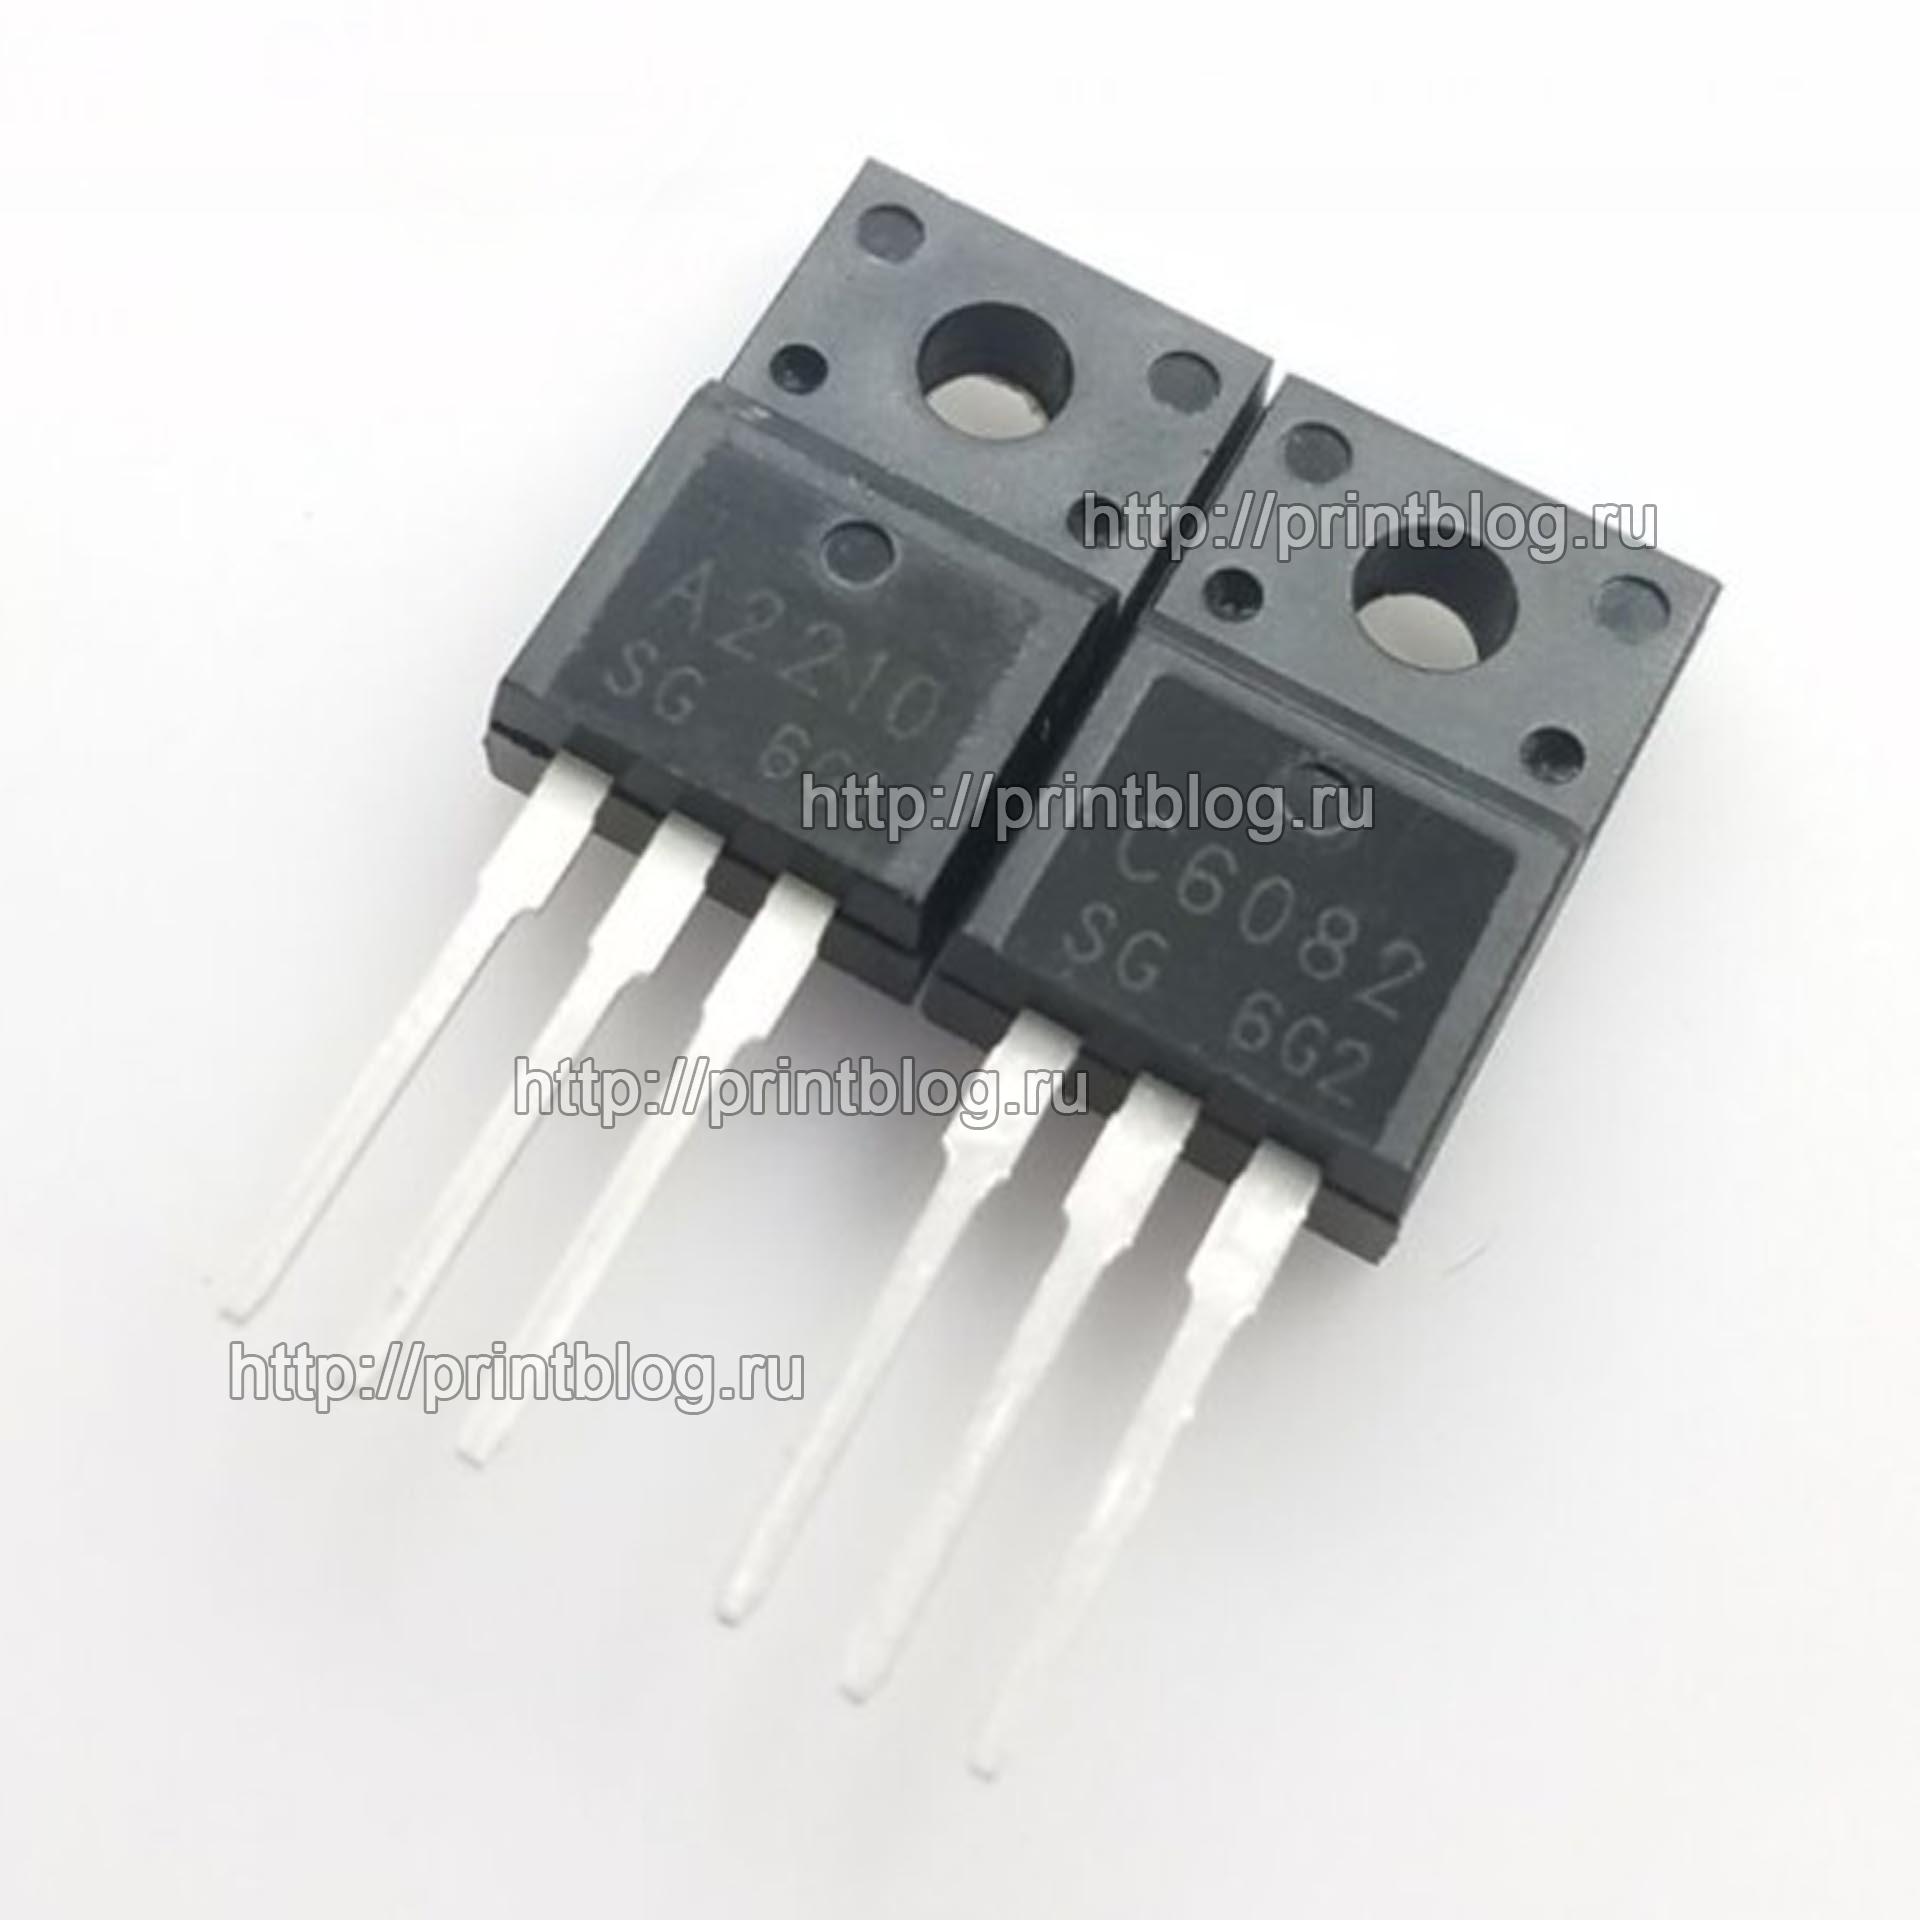 Транзисторная пара A2210 и С6082